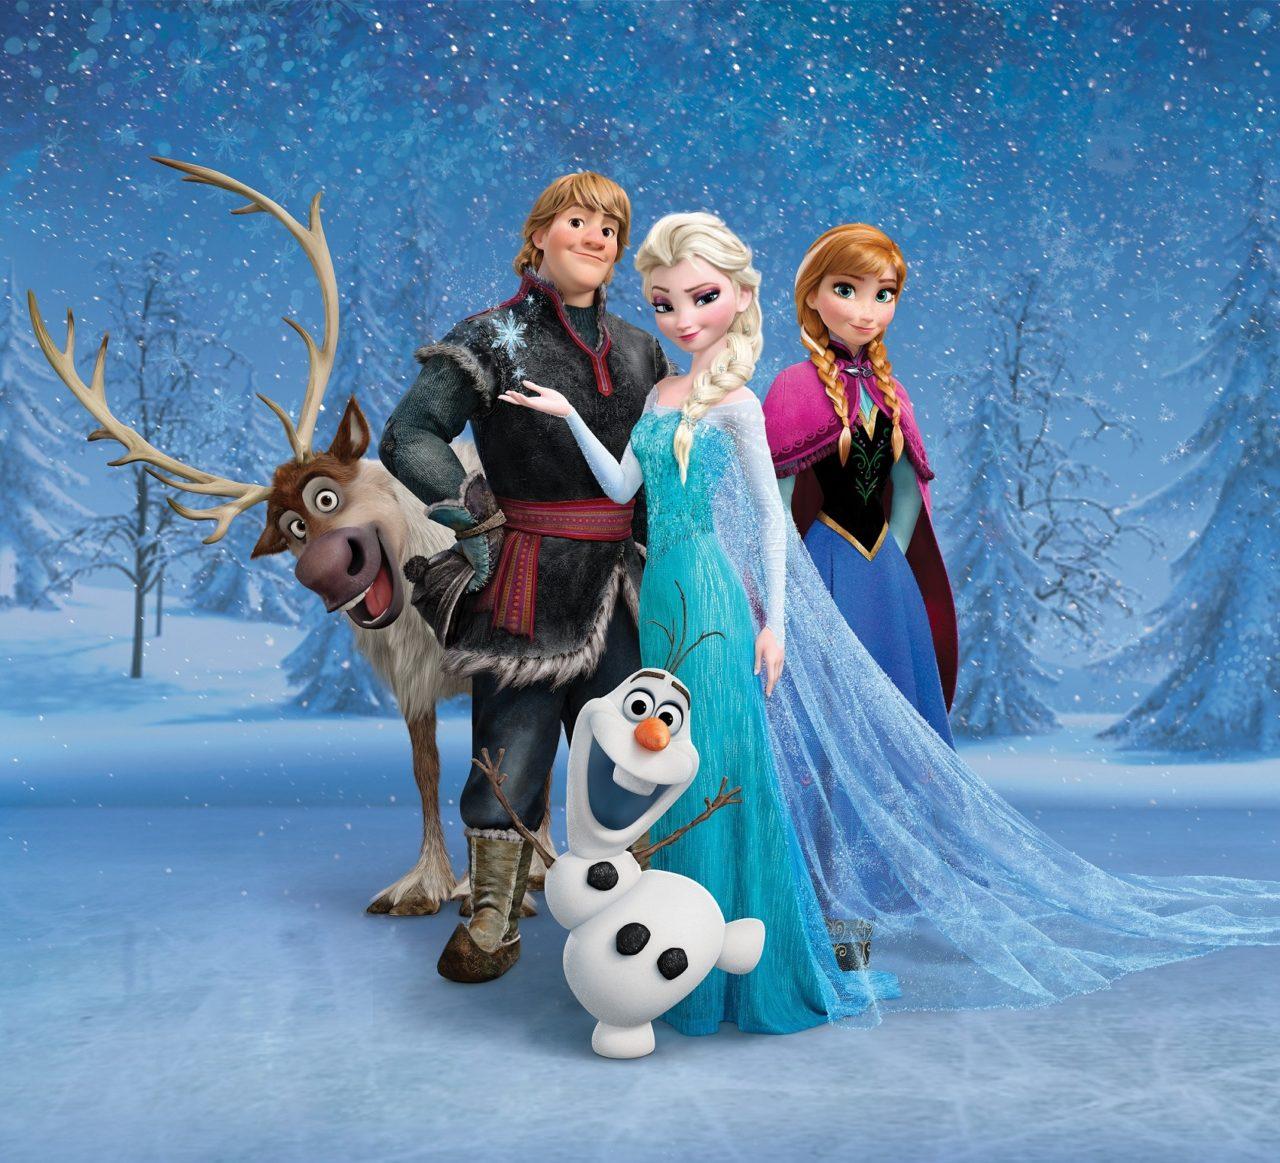 ディズニー・チャンネルに「アナ雪」がやってくる!『アナ雪がいっぱい フローズン・サマー』